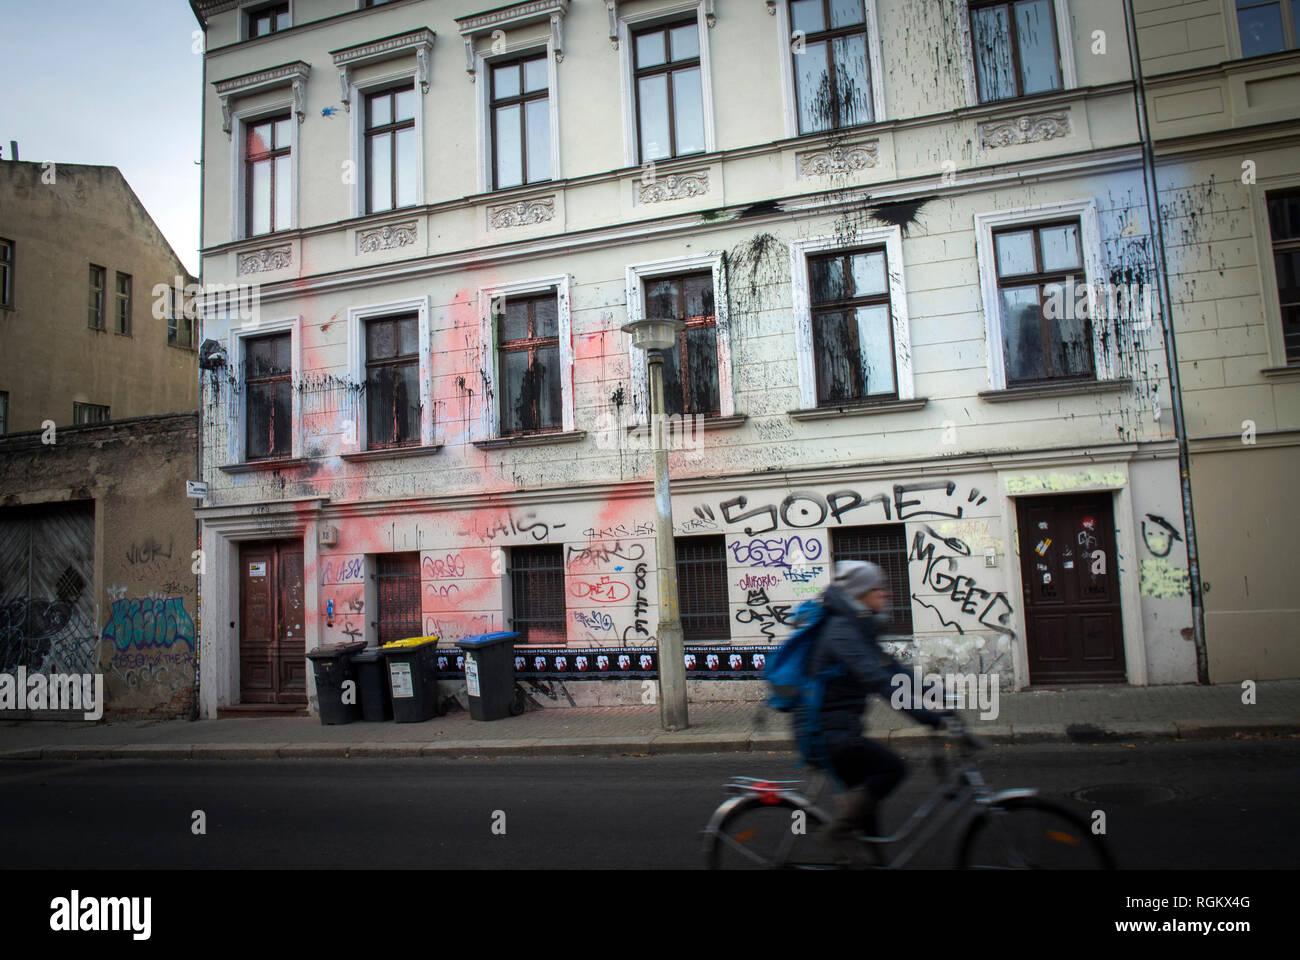 La Casa del Movimento Identitarian, Halle (Saale) è un centro residenziale e progetto della destra movimento di identità in Adam-Kuckhoff-Straße, Immagini Stock